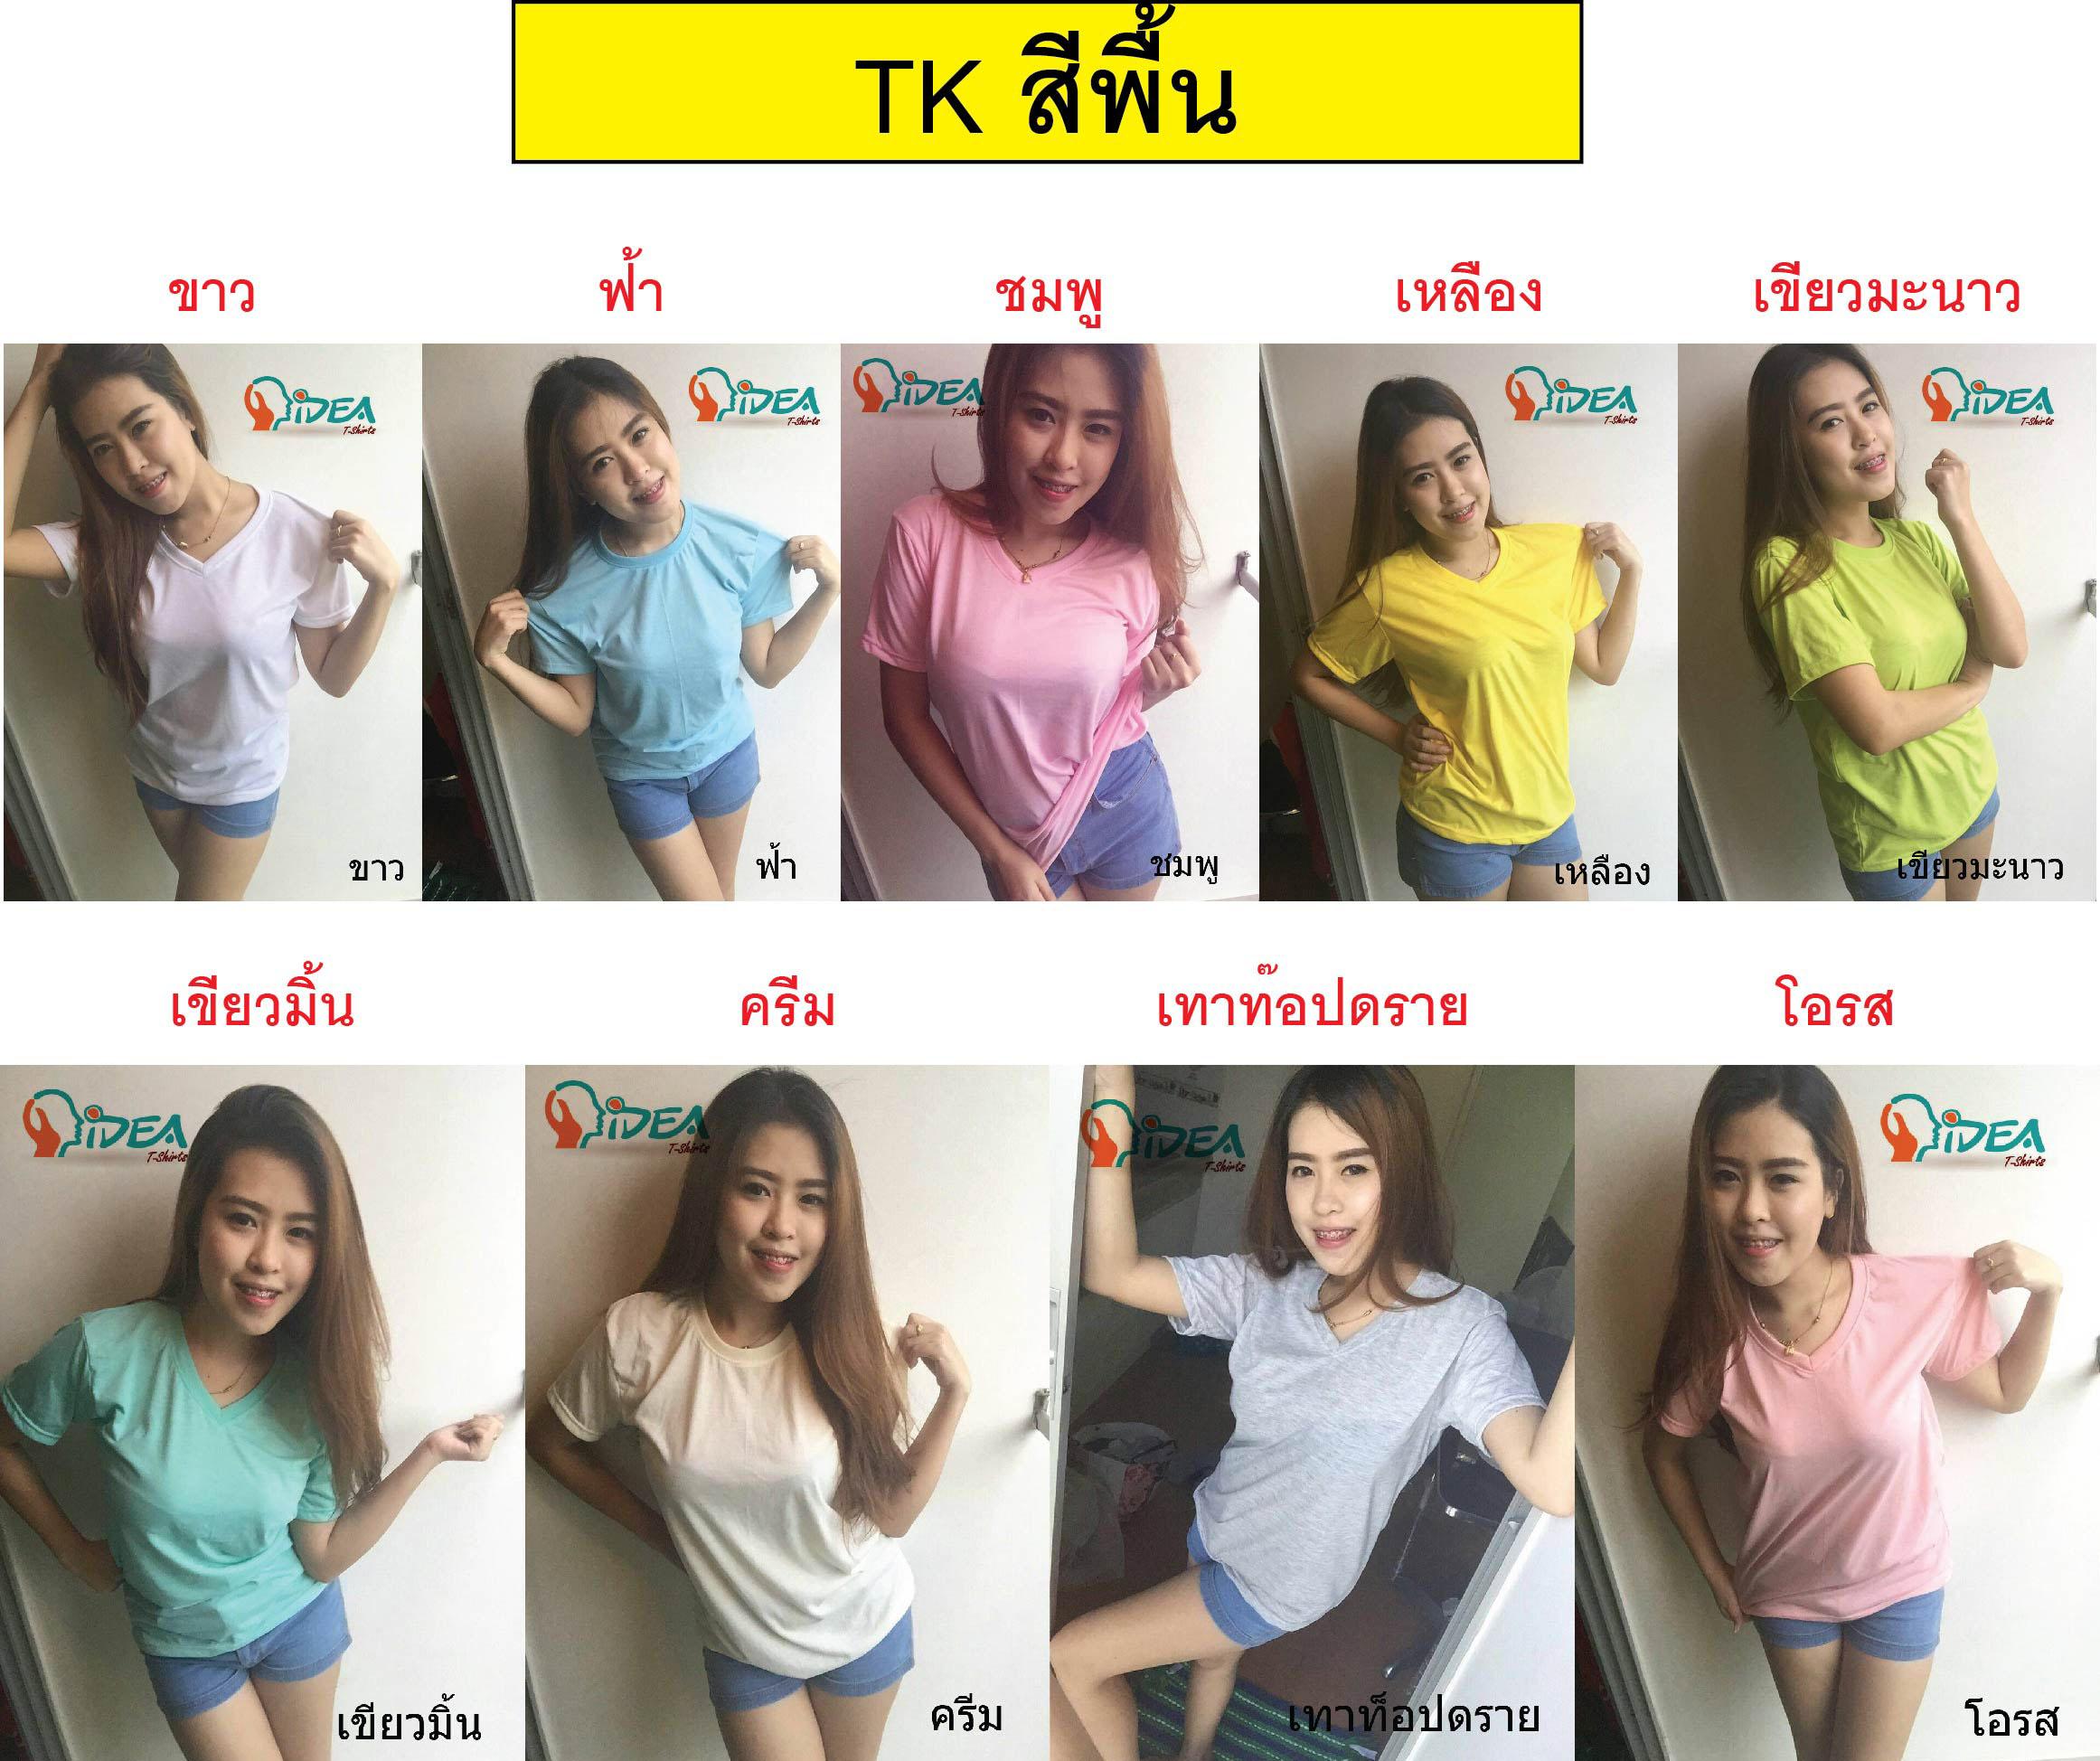 ขายส่งเสื้อยืดเปล่า TK สำหรับ Sublimation